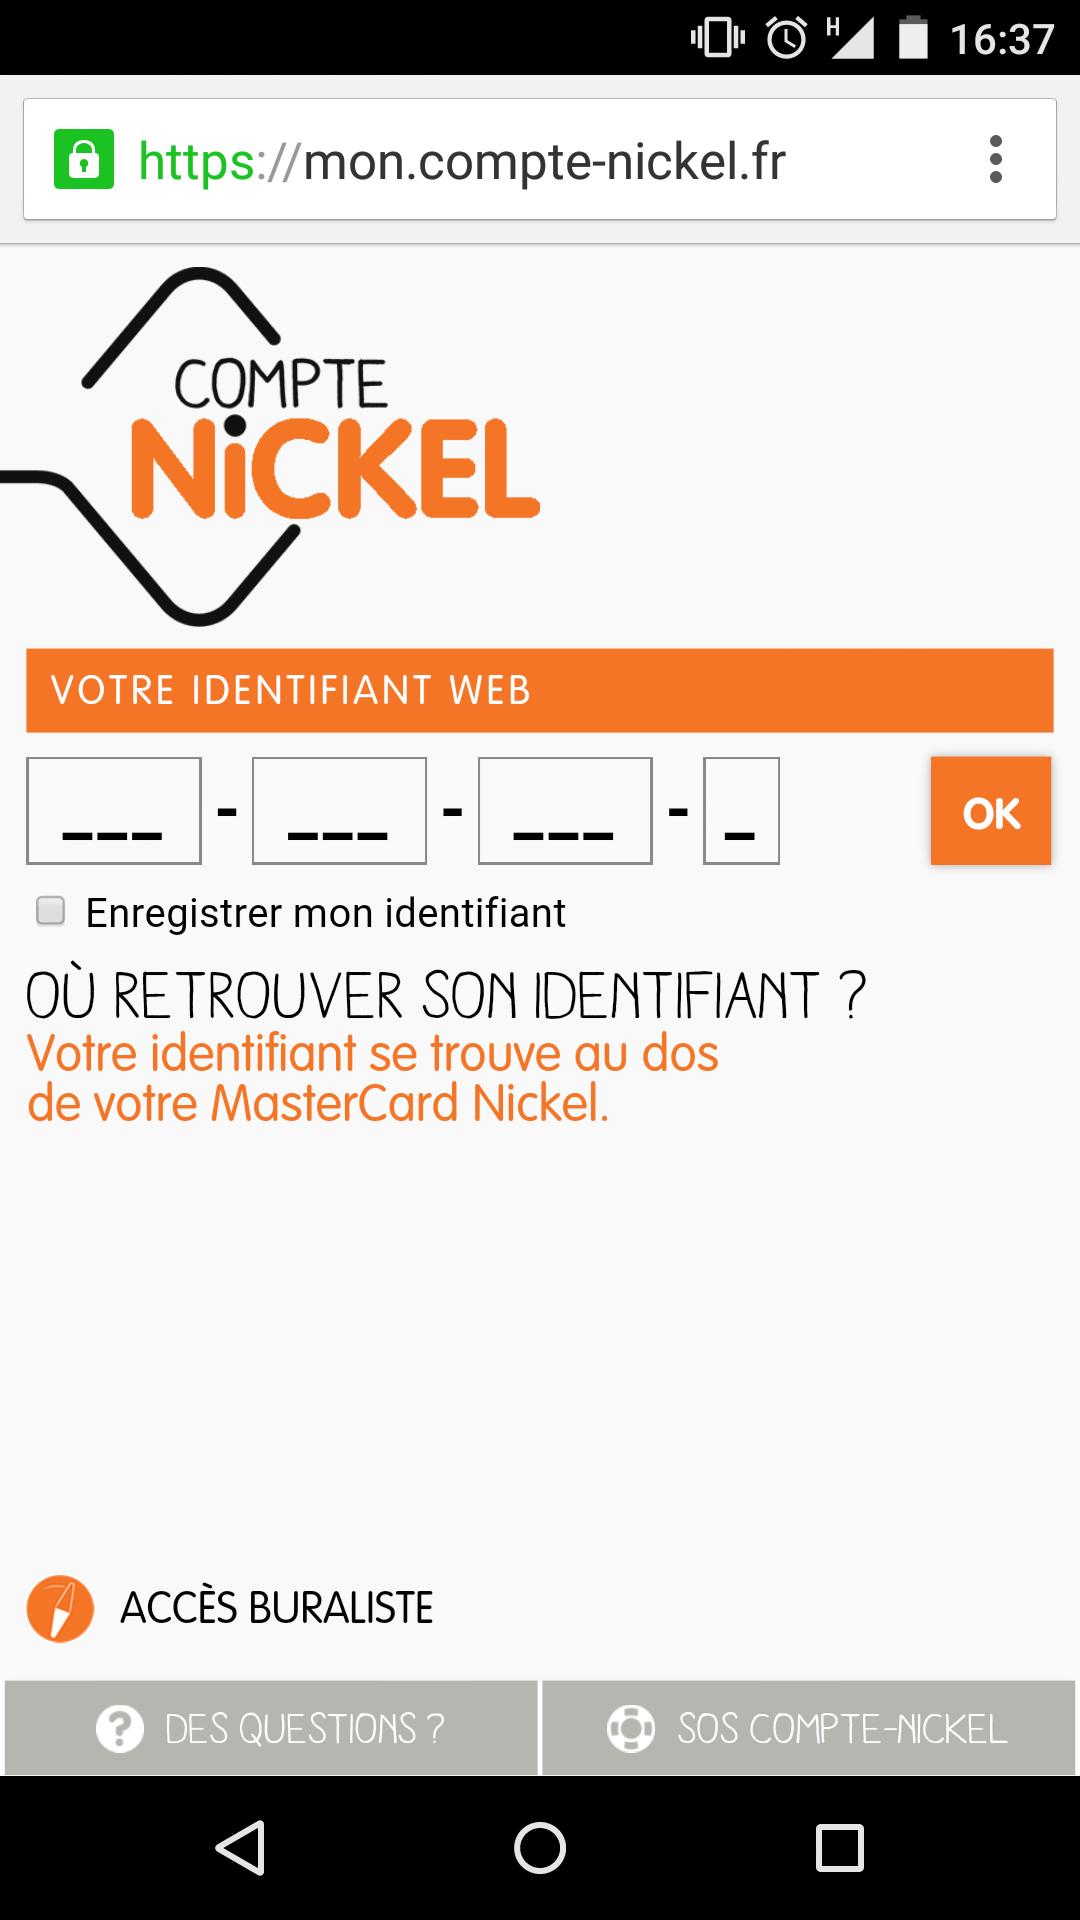 mi cuenta-nickel android